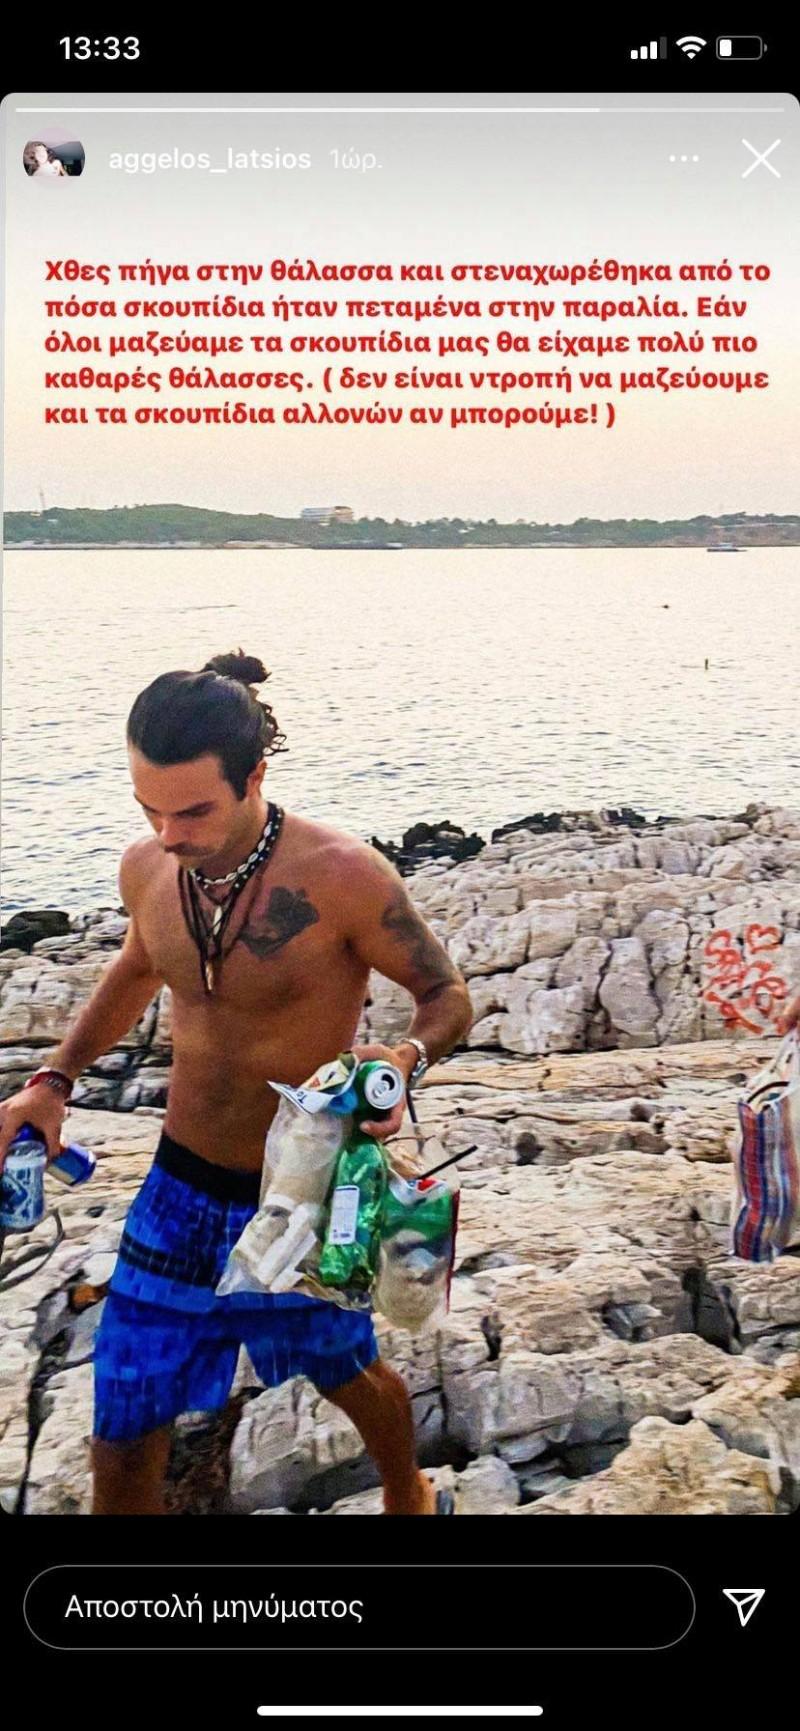 Μενεγάκη γιος Άγγελος Λάτσιος παραλία